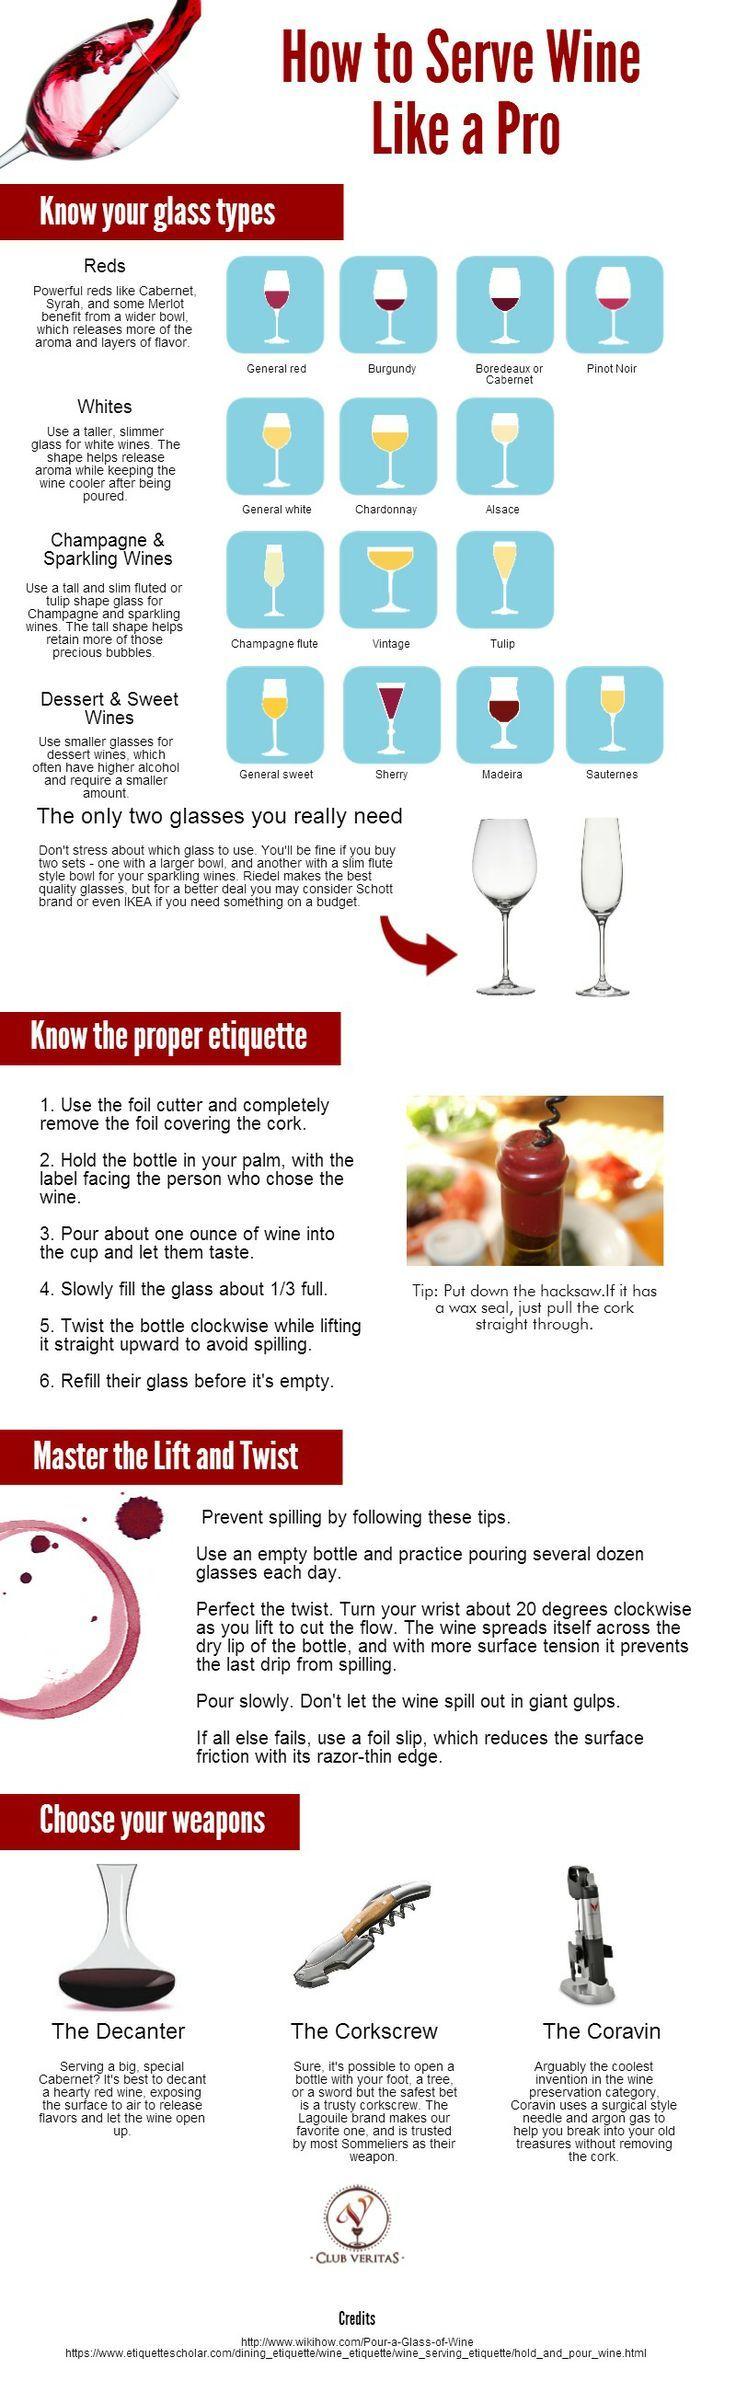 How to serve wine like a pro wineglasswriter.com